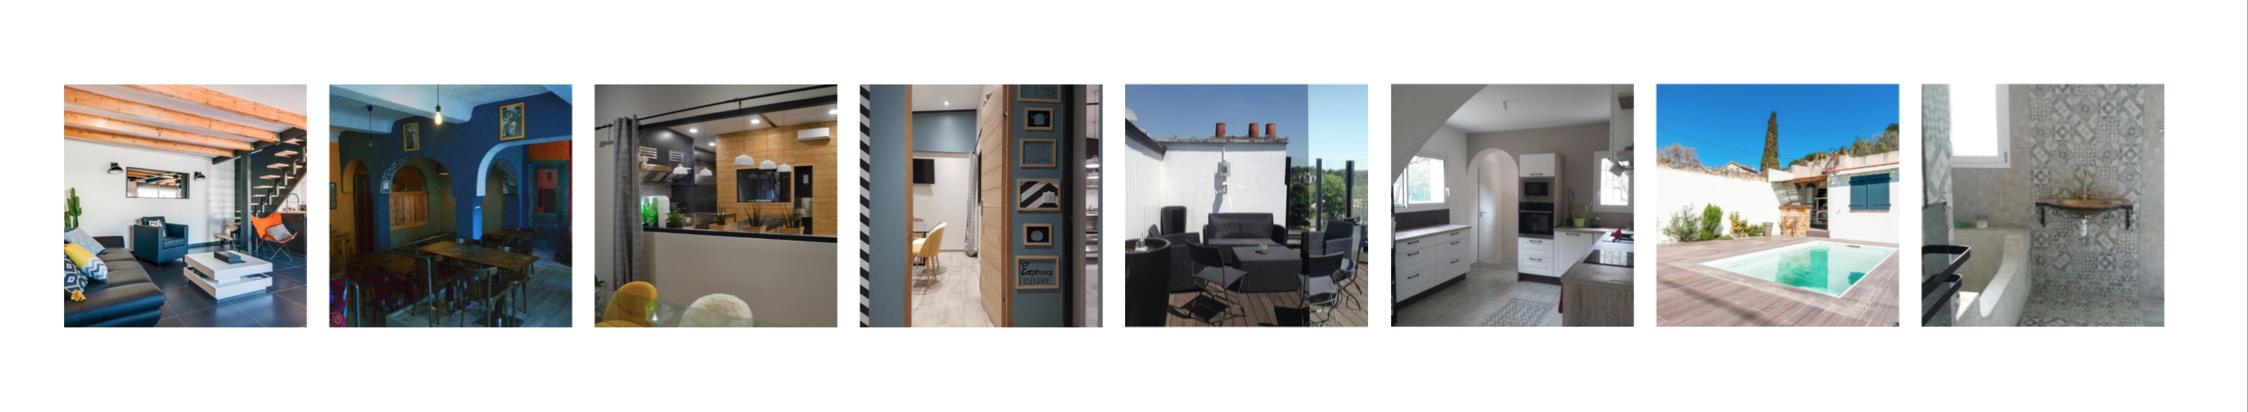 Contactez Nous Mrc Architectes D Interieur A Marseille